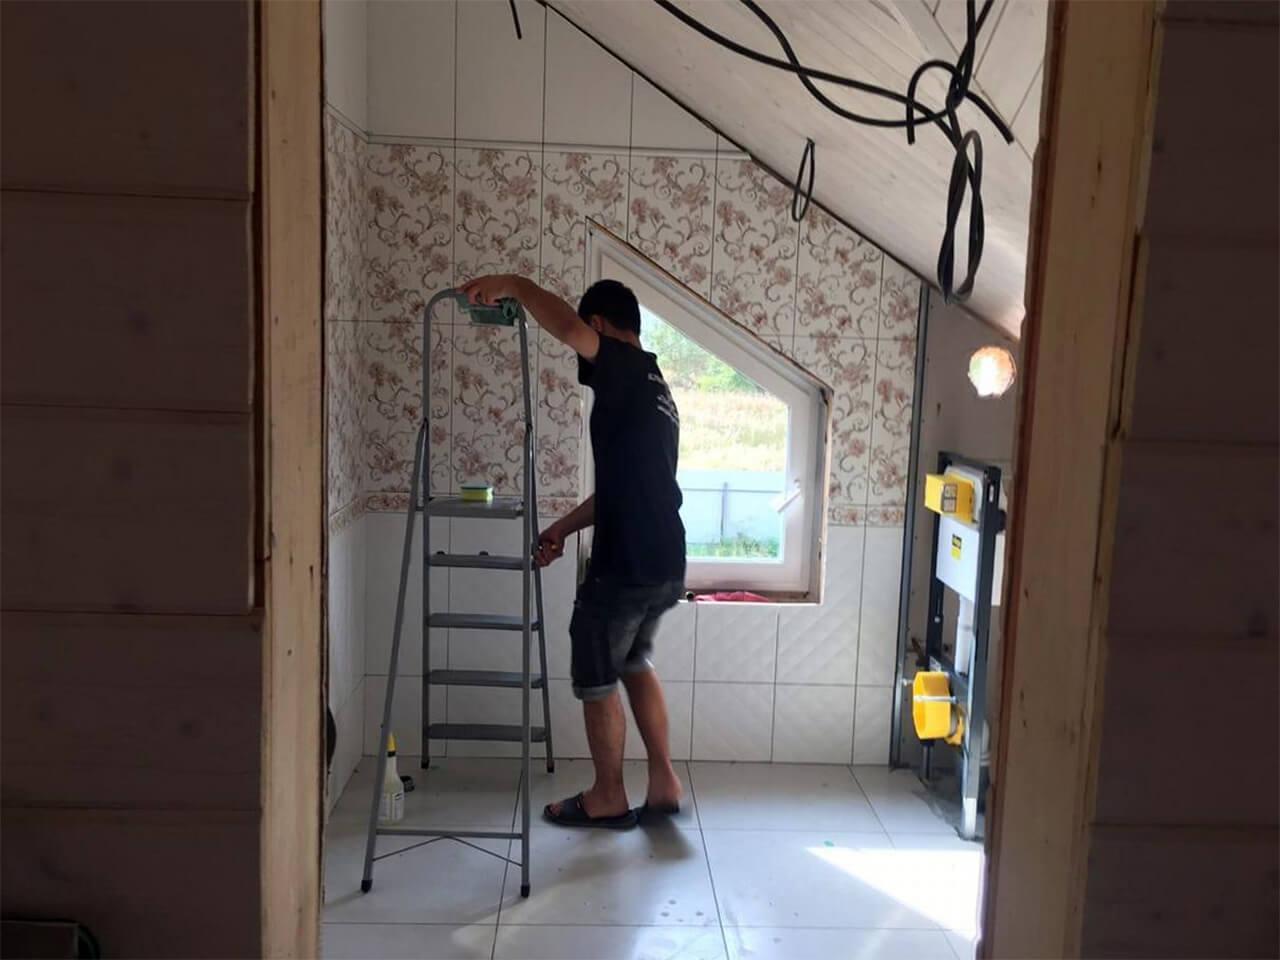 Уборщик со стремянкой моет стены комнаты